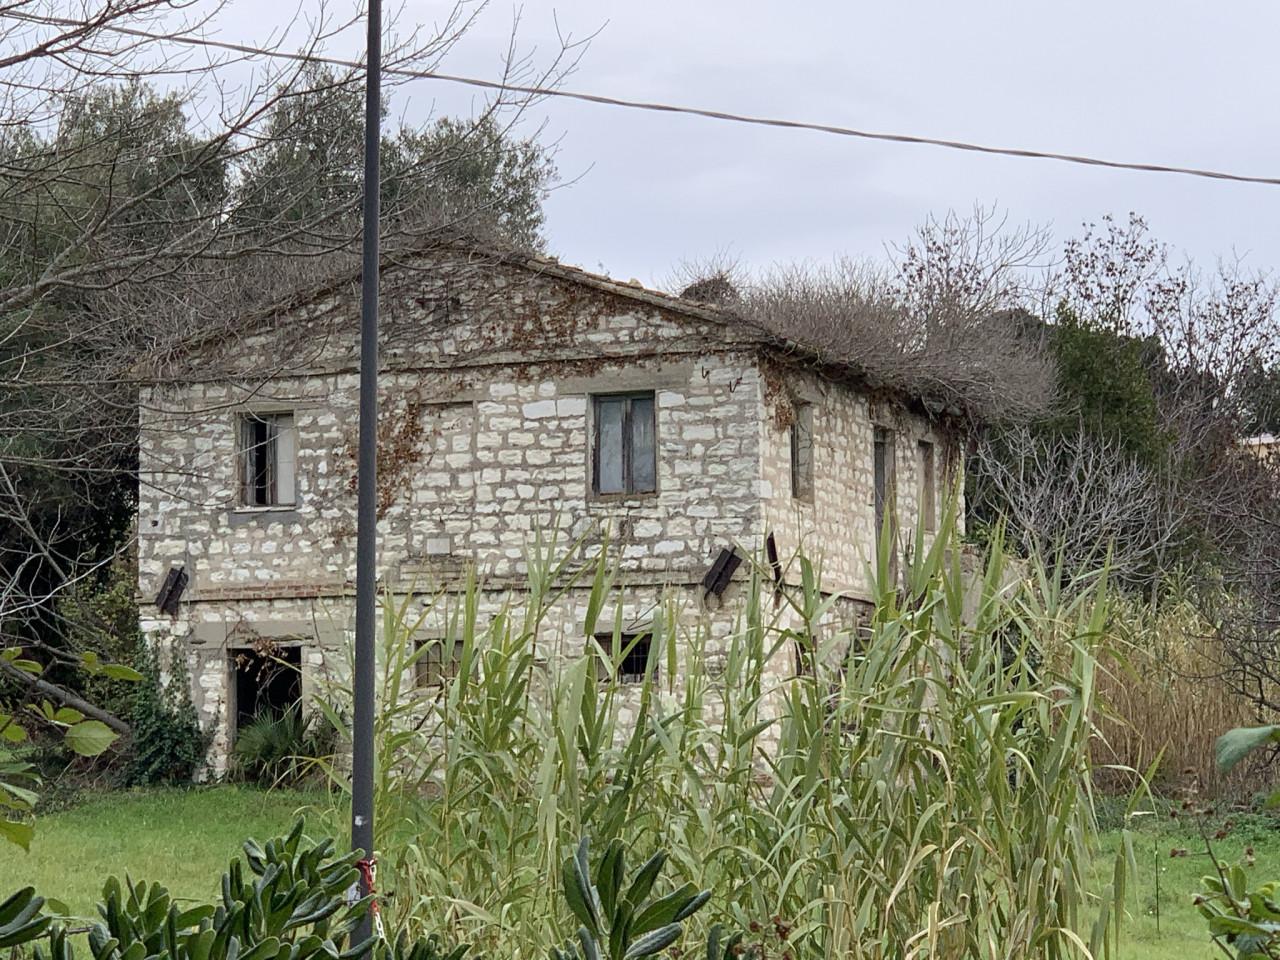 Sirolo vendiamo casa colonica in pietra del Conero  da ristrutturare completamente